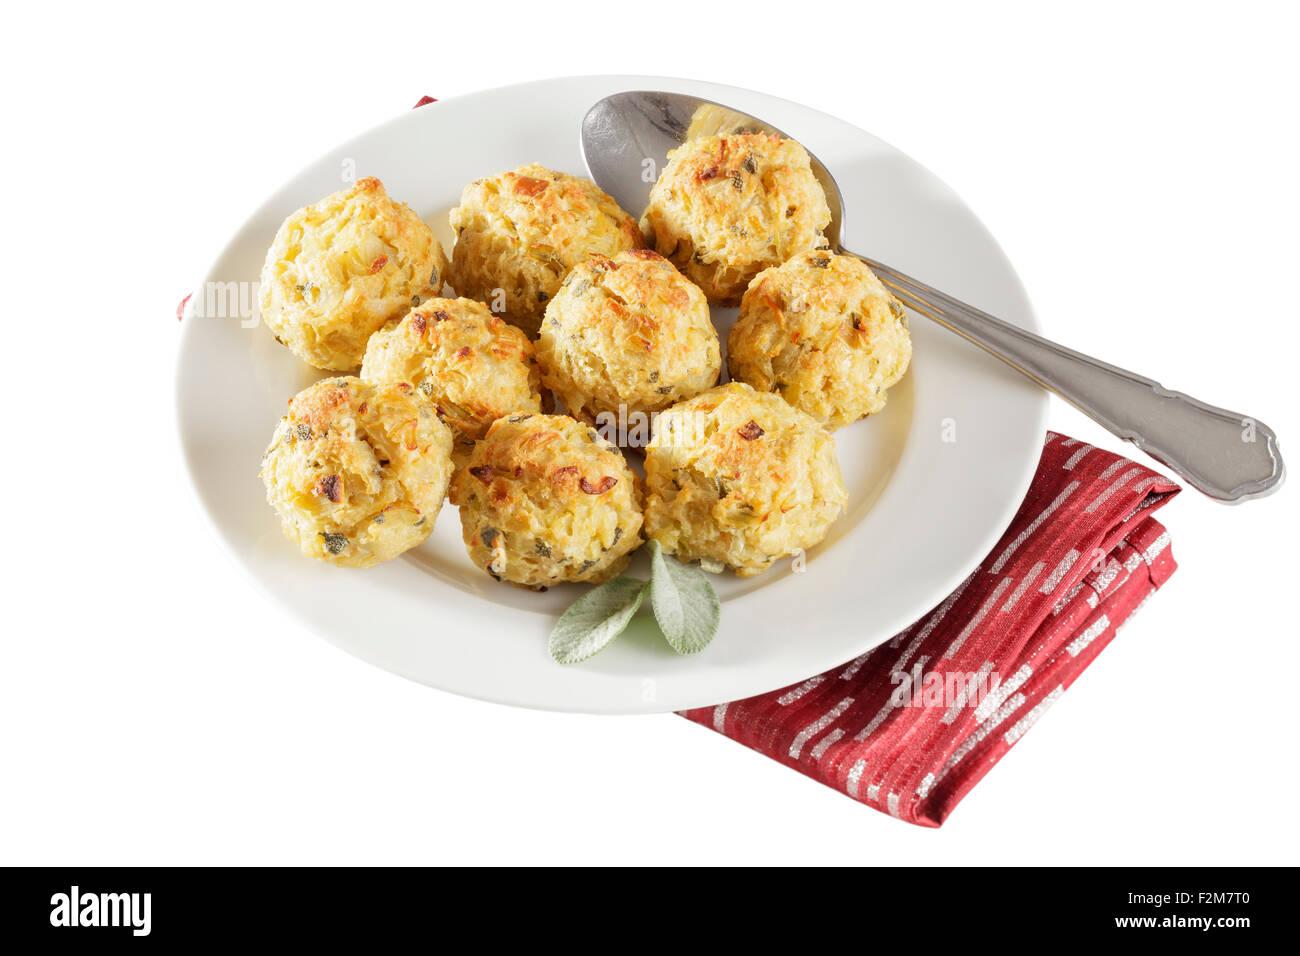 Sauge fraîchement cuits et boules de farce à l'oignon Photo Stock